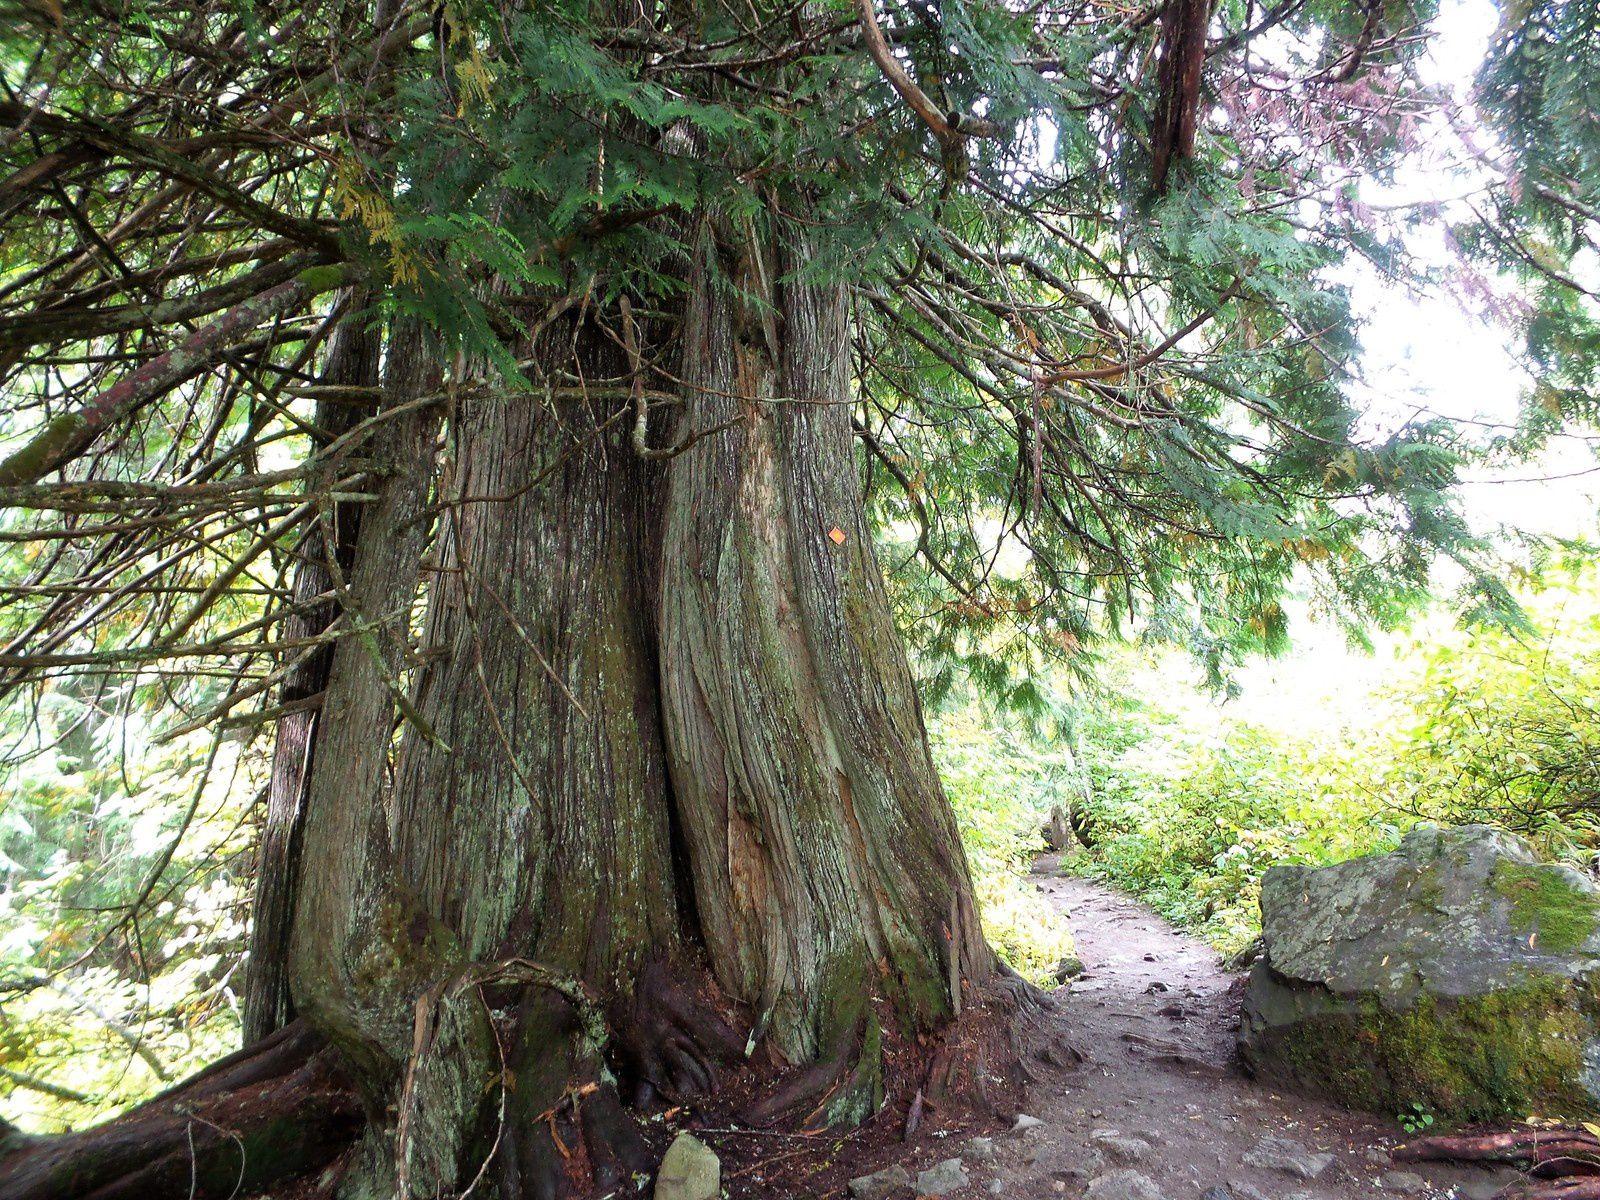 Les arbres gigantesques sont magnifiques et nous apercevons enfin le lac Cheakamus